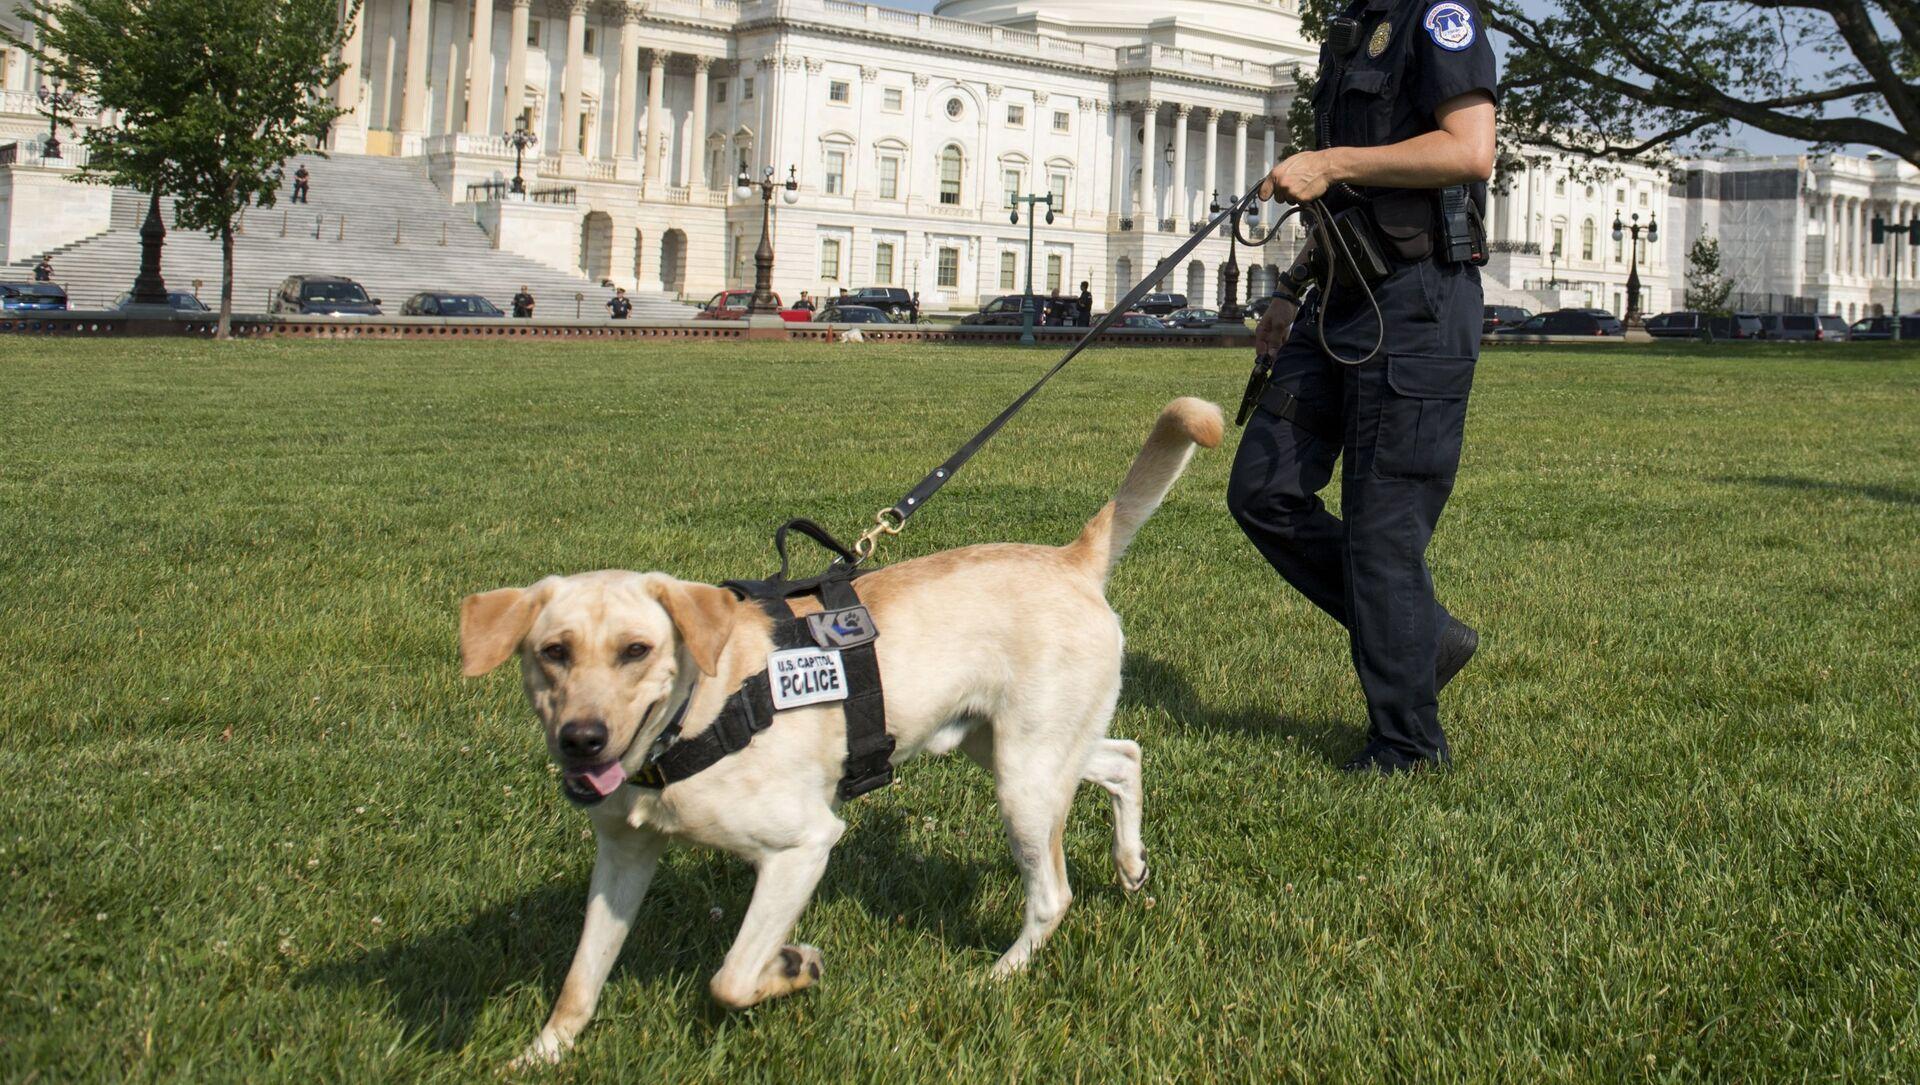 警察犬 - Sputnik 日本, 1920, 05.06.2021